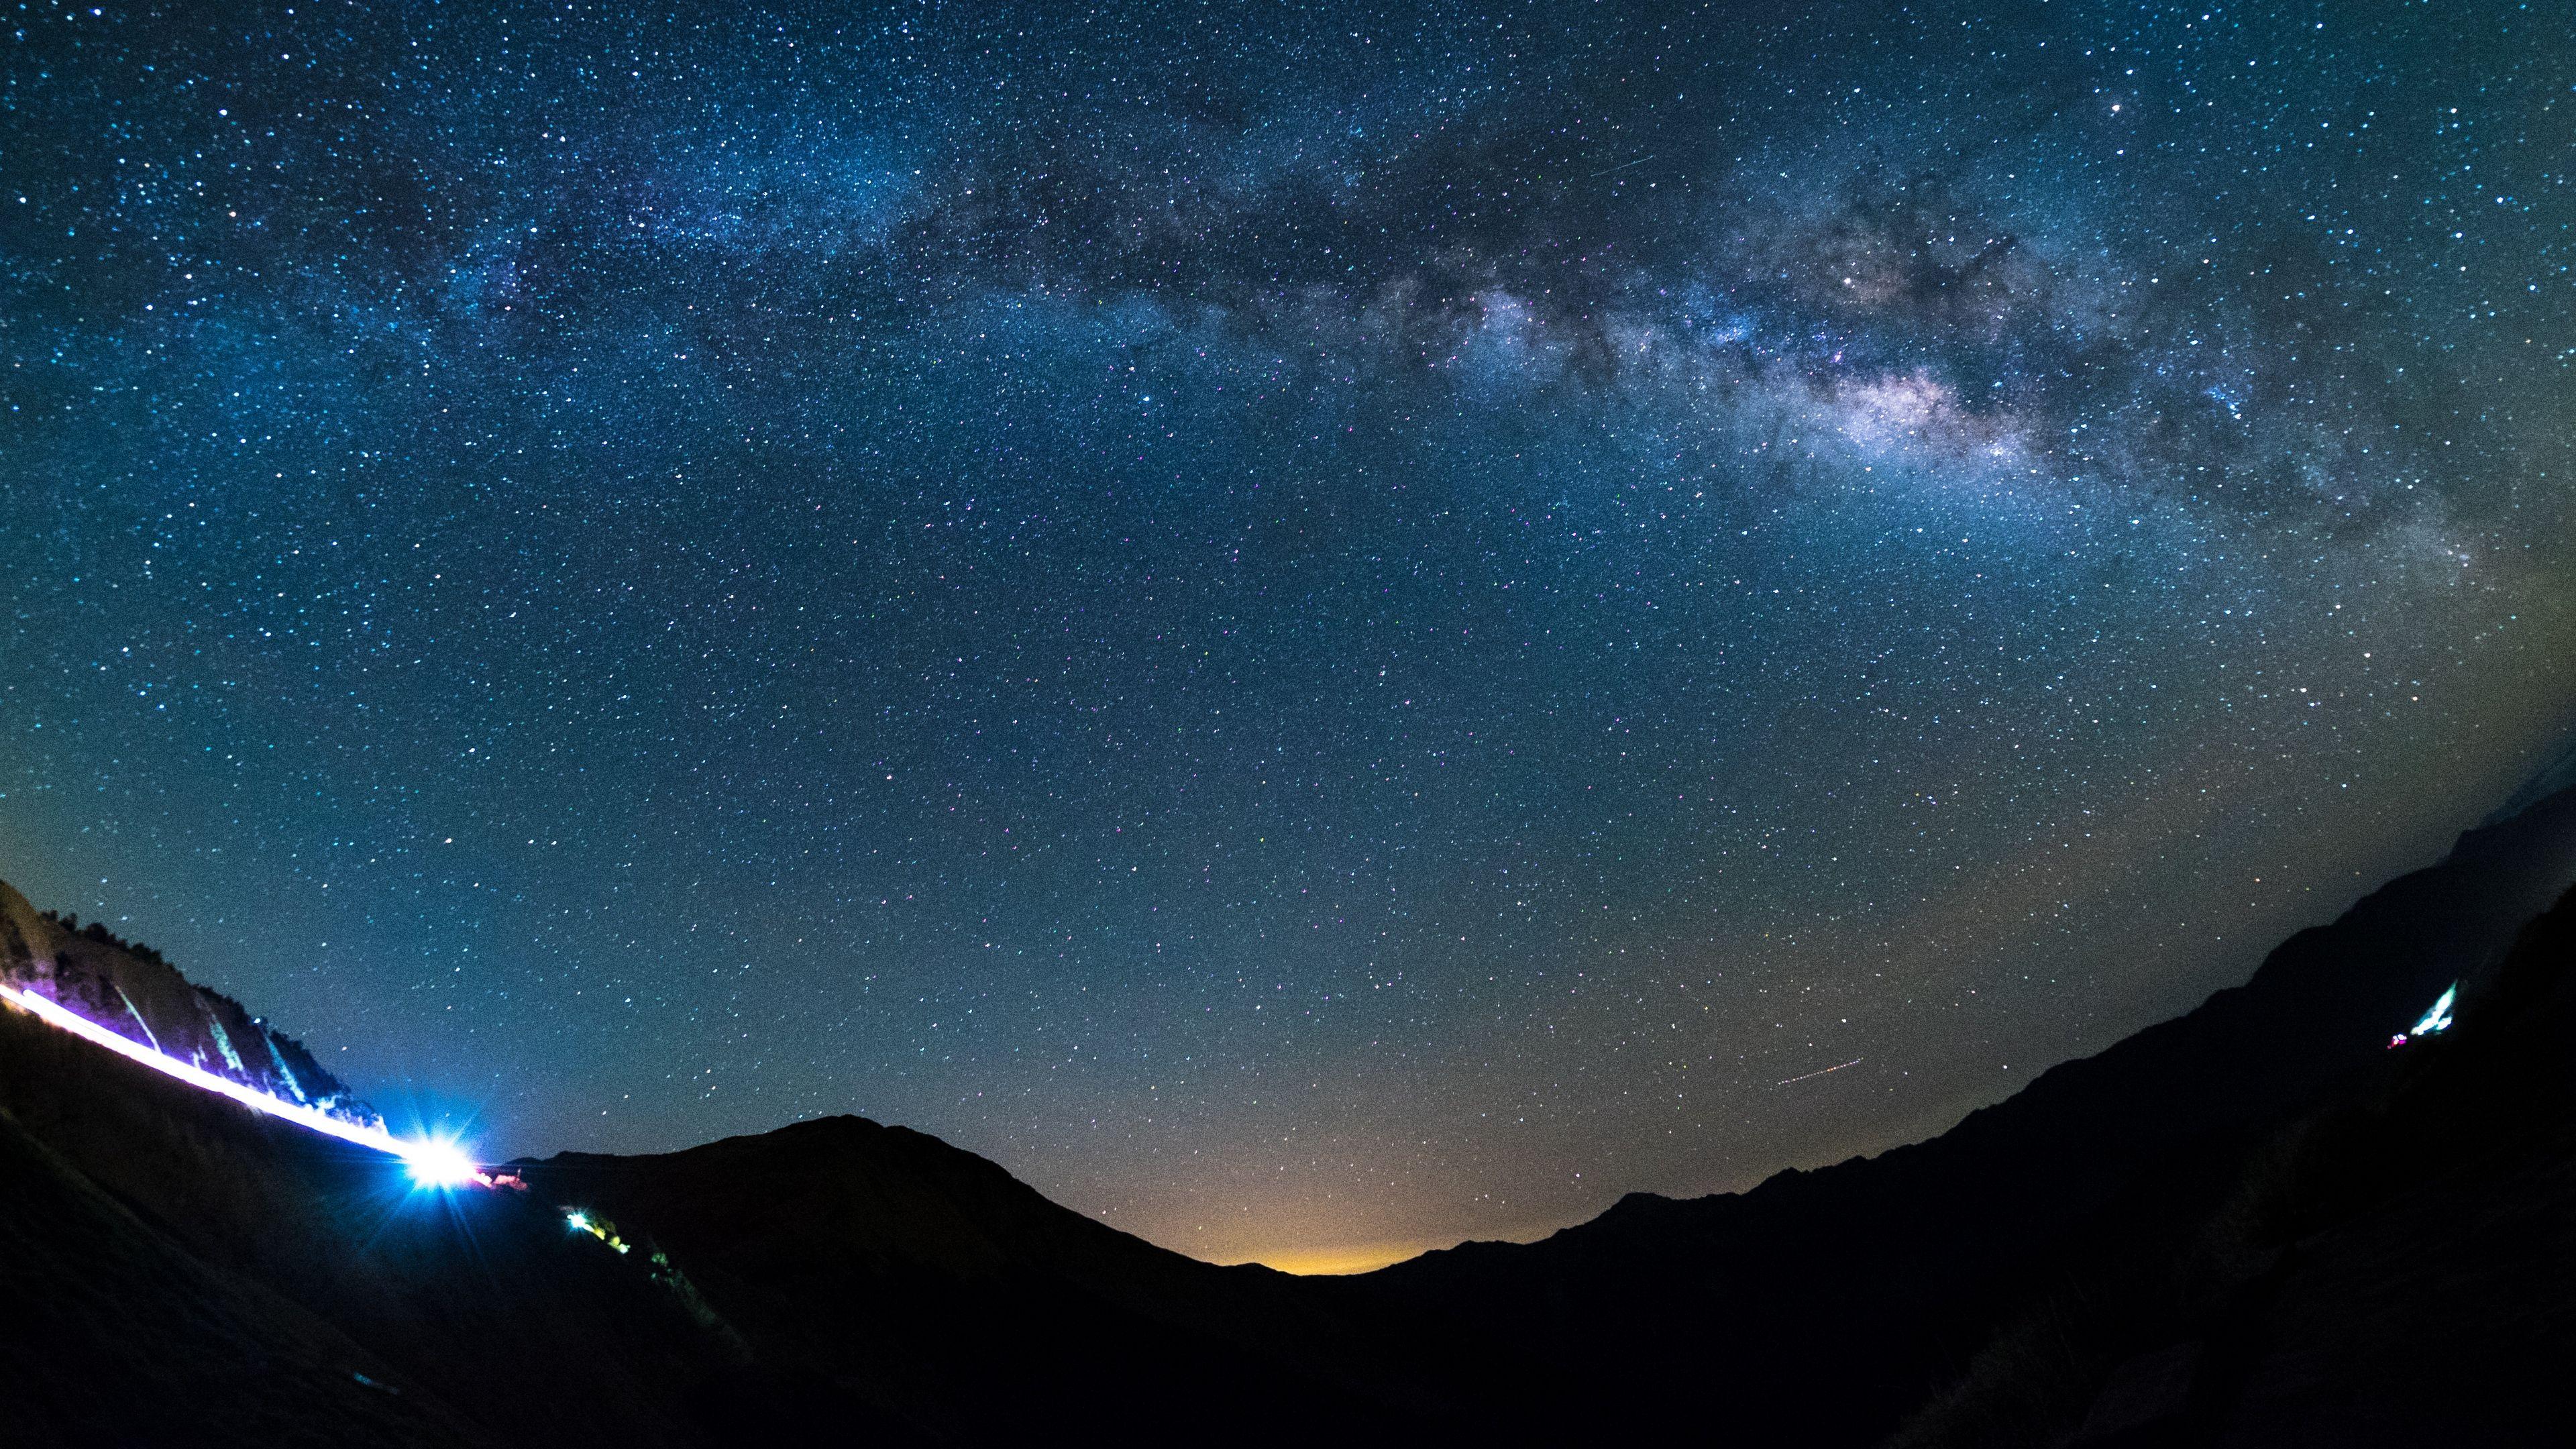 Starry Sky Shine Glitter 4k Starry Sky Shine Glitter Starry Sky Sky 4k Wallpaper For Mobile